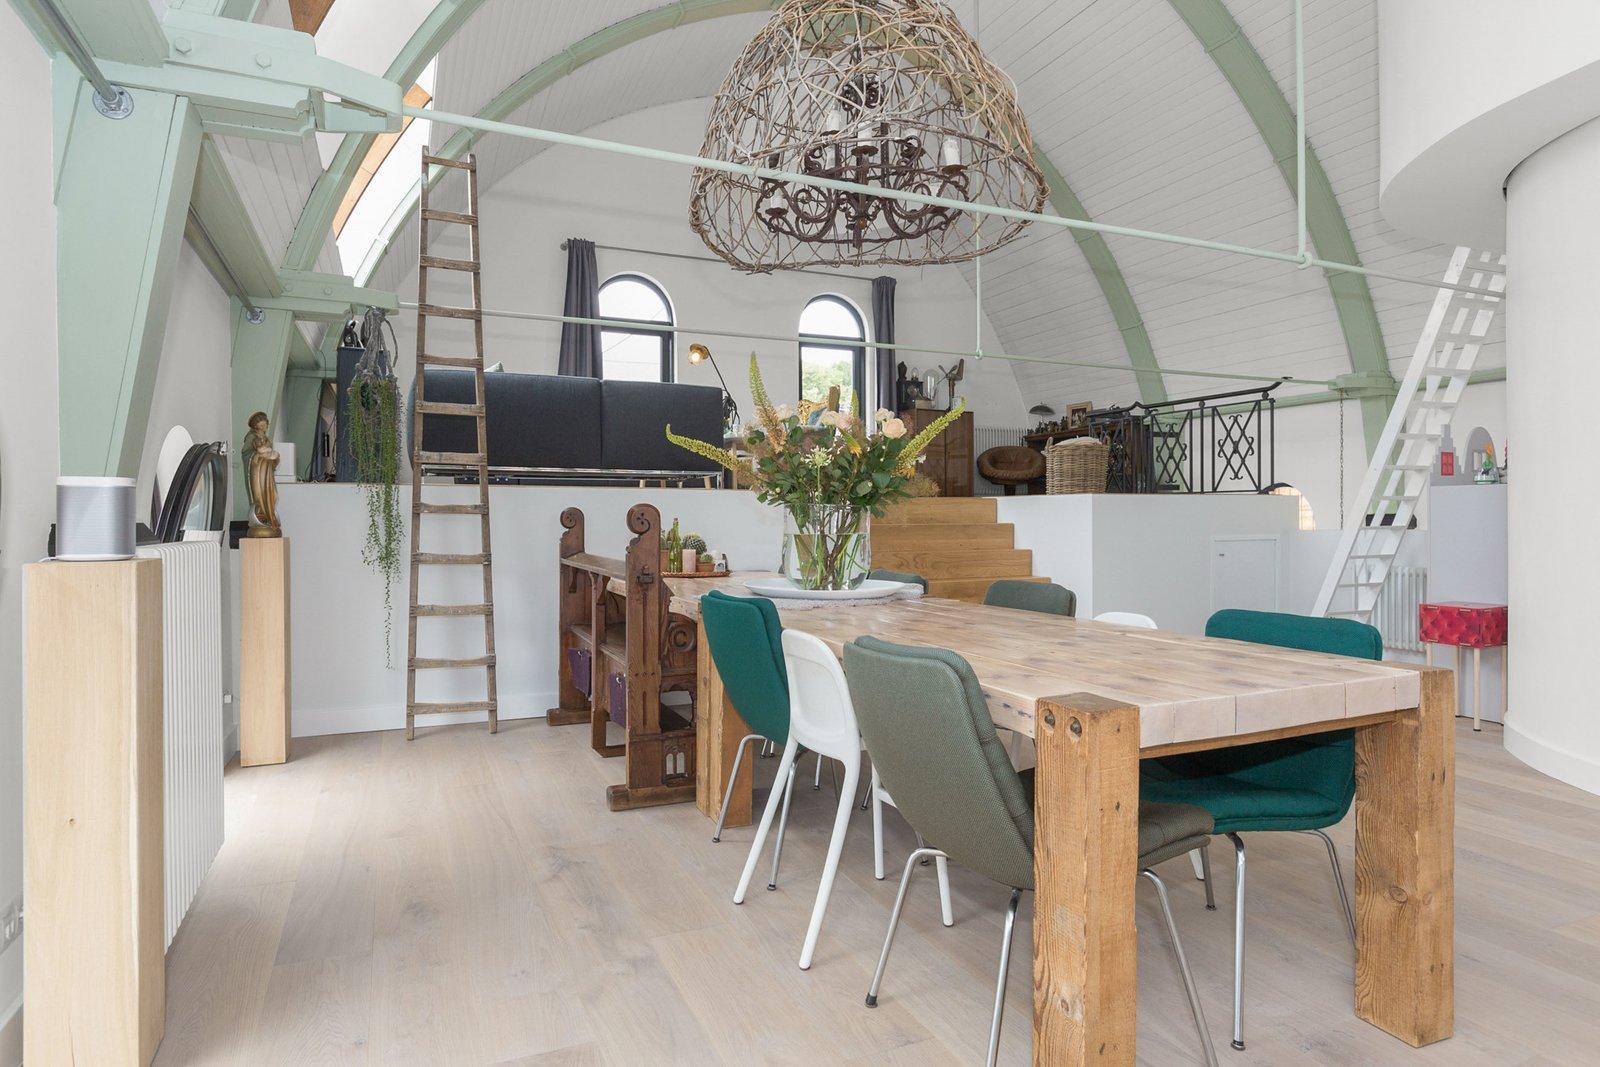 La casa se caracteriza por su diseño moderno